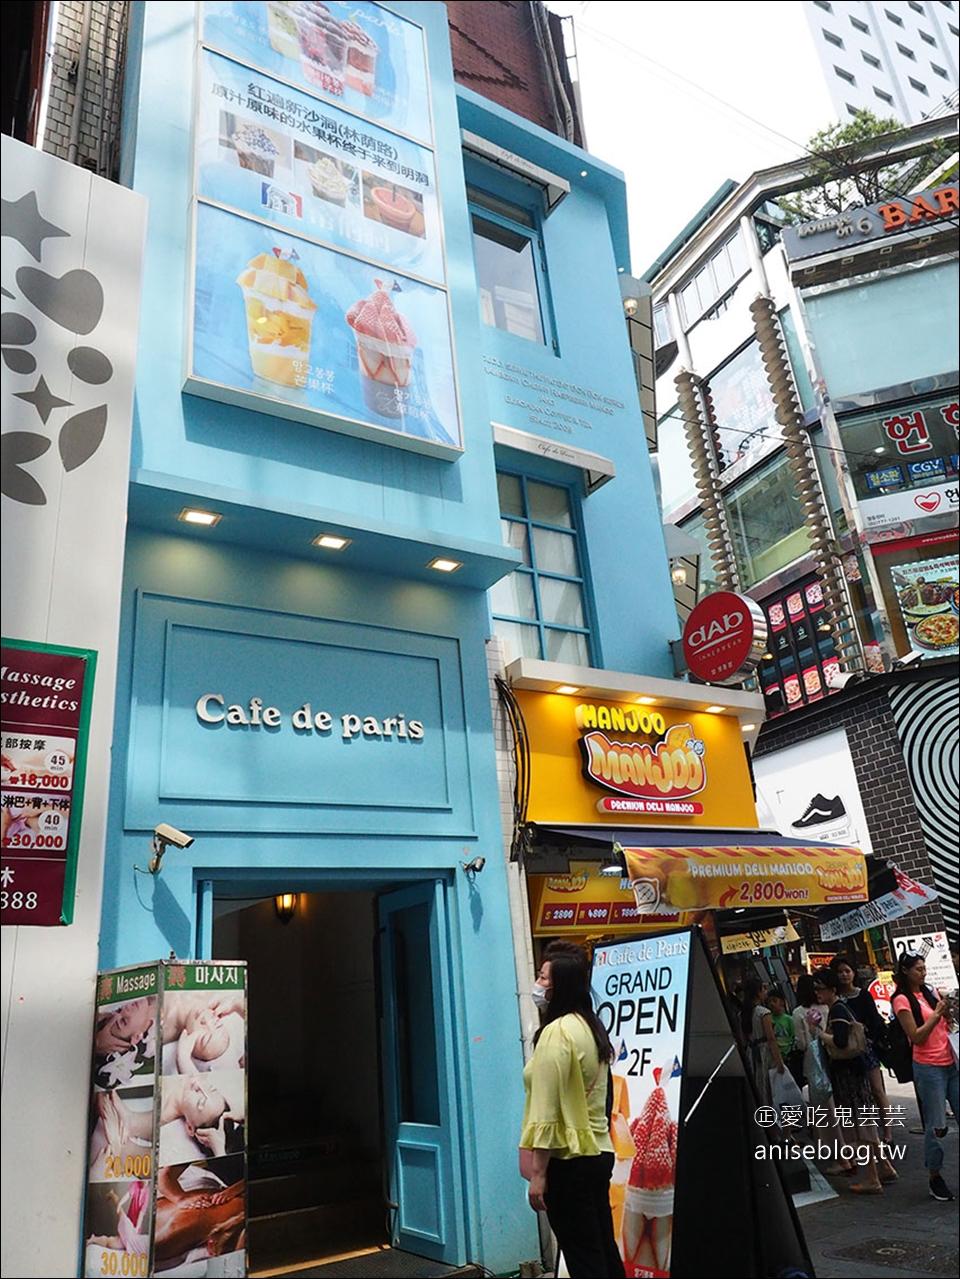 明洞Cafe de Paris ,IG 熱門打卡點